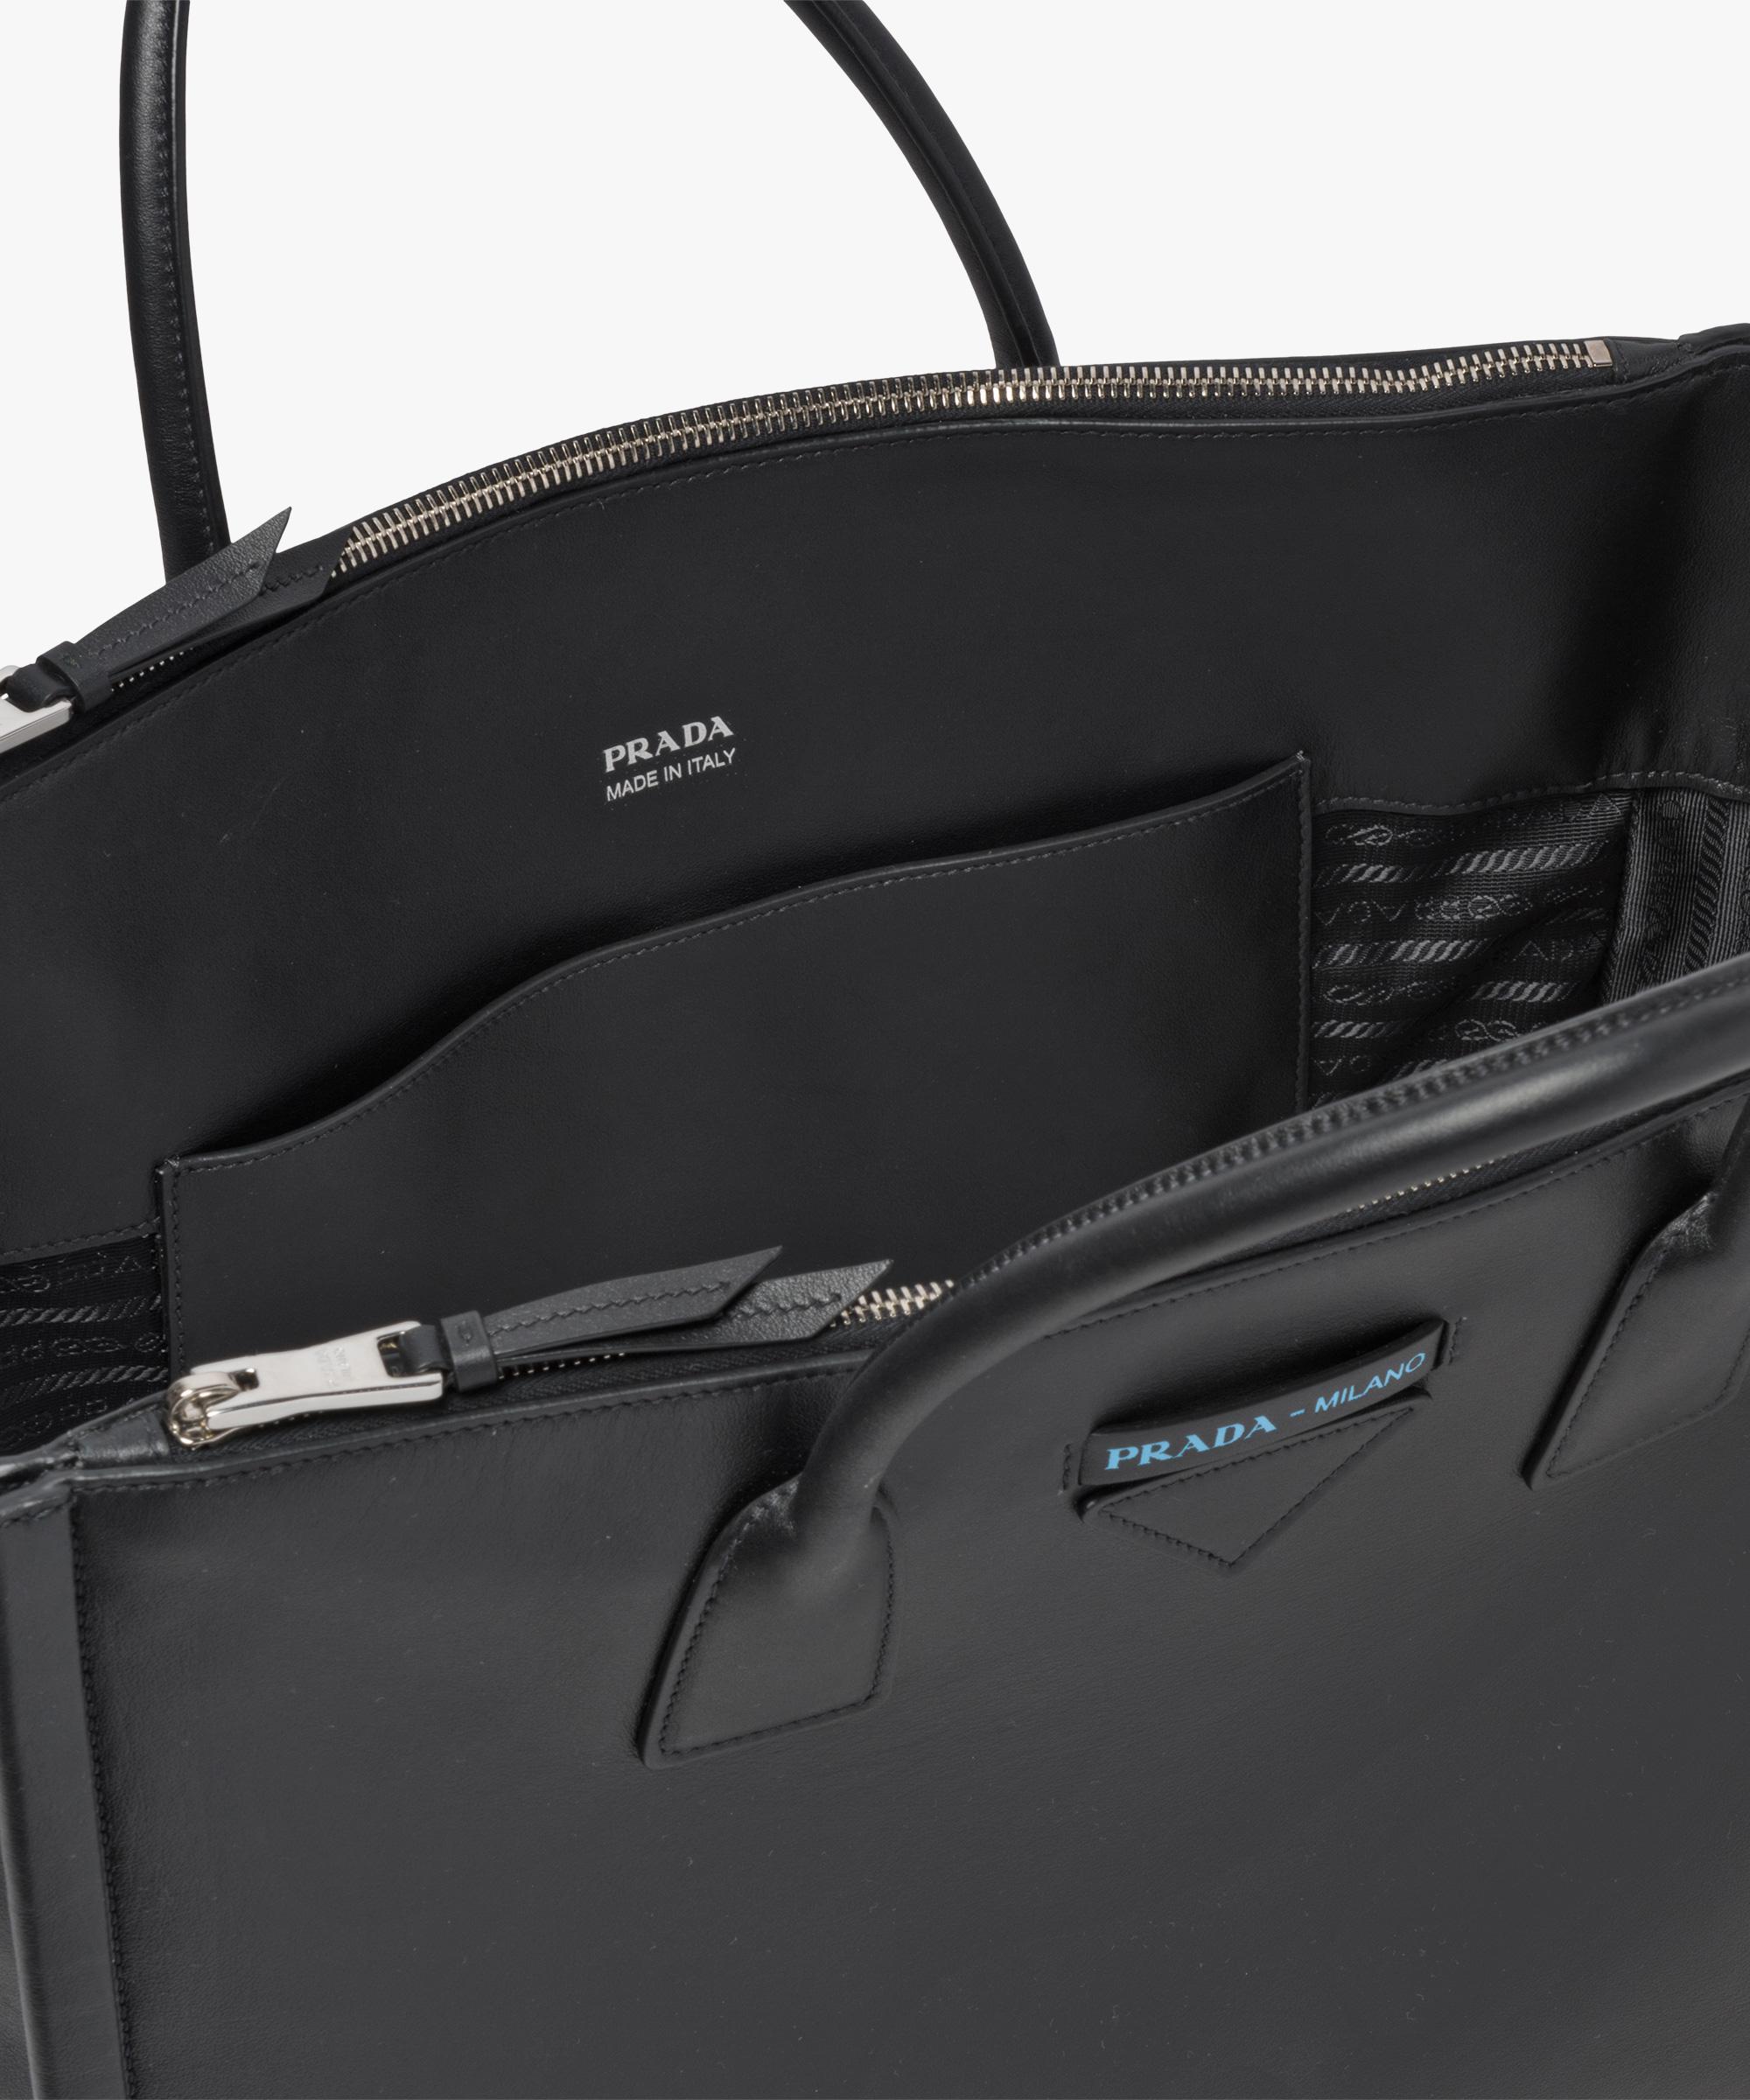 fbc98f2db5a871 Prada Concept Calf Leather Bag in Black - Lyst